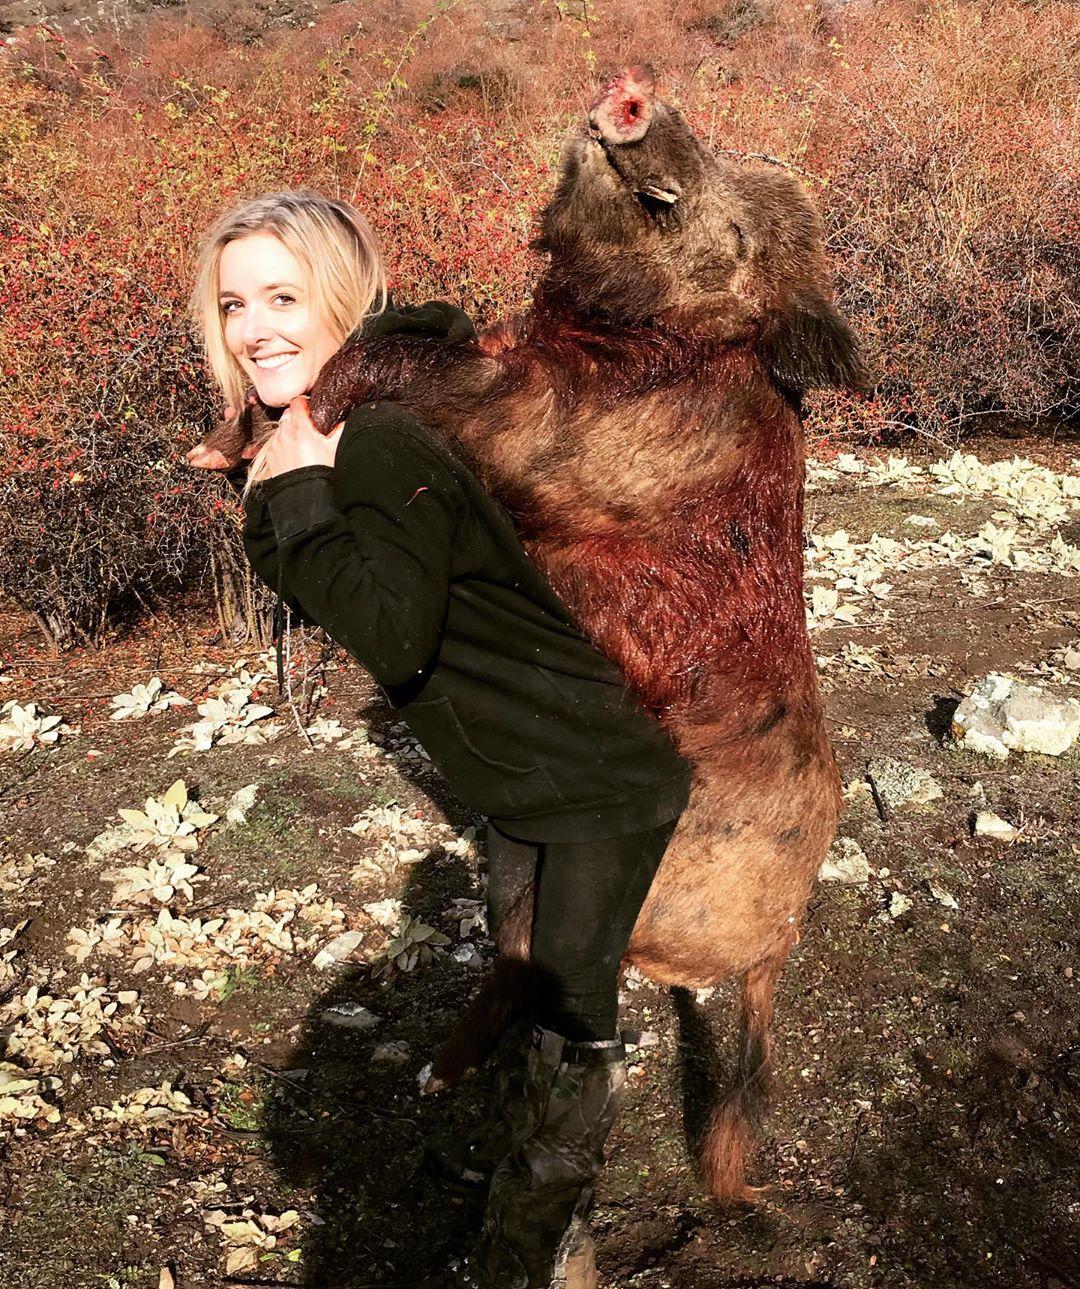 Мама троих детей ходит за мясом не в магазин, а на охоту детей, животных, около, чтобы, охоту, троих, месяц, основном, морозильникЛюси, стерлингов, фунтов, экономит, считает, заполнить, охотится, валлаби, охотясь, кроликов, оленей, свиней